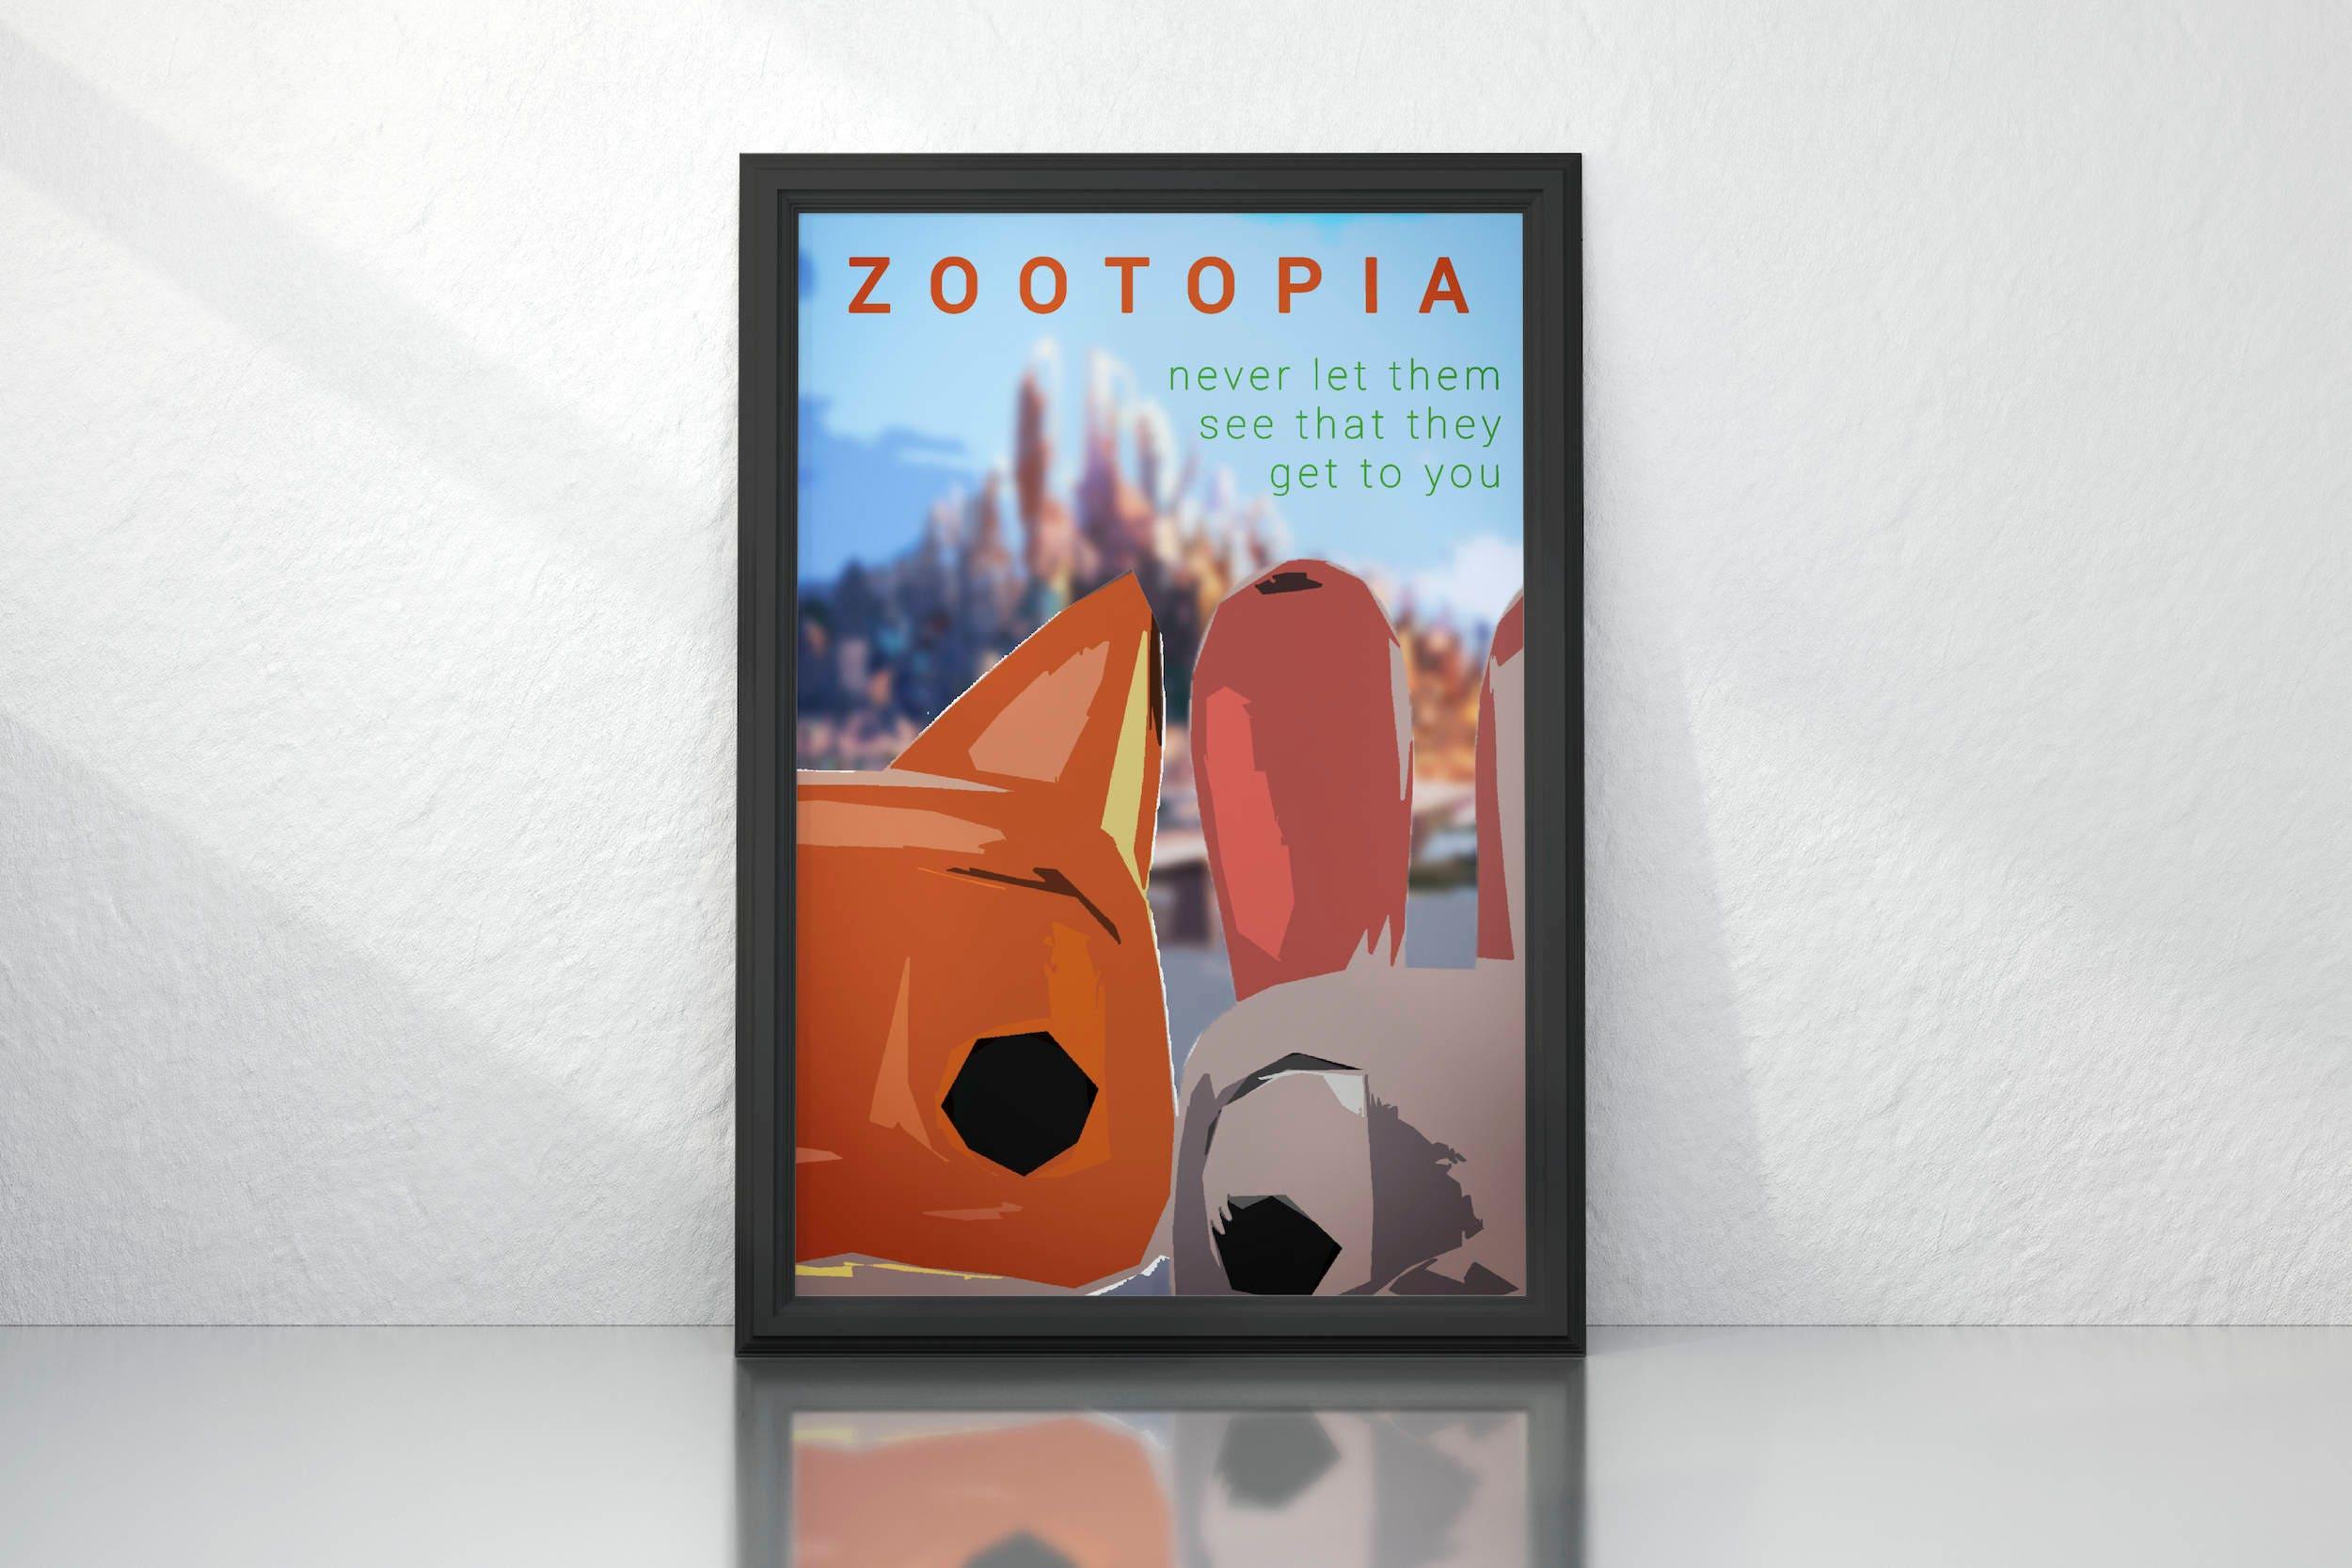 Zoomania 2016 minimalistischen Filmposter